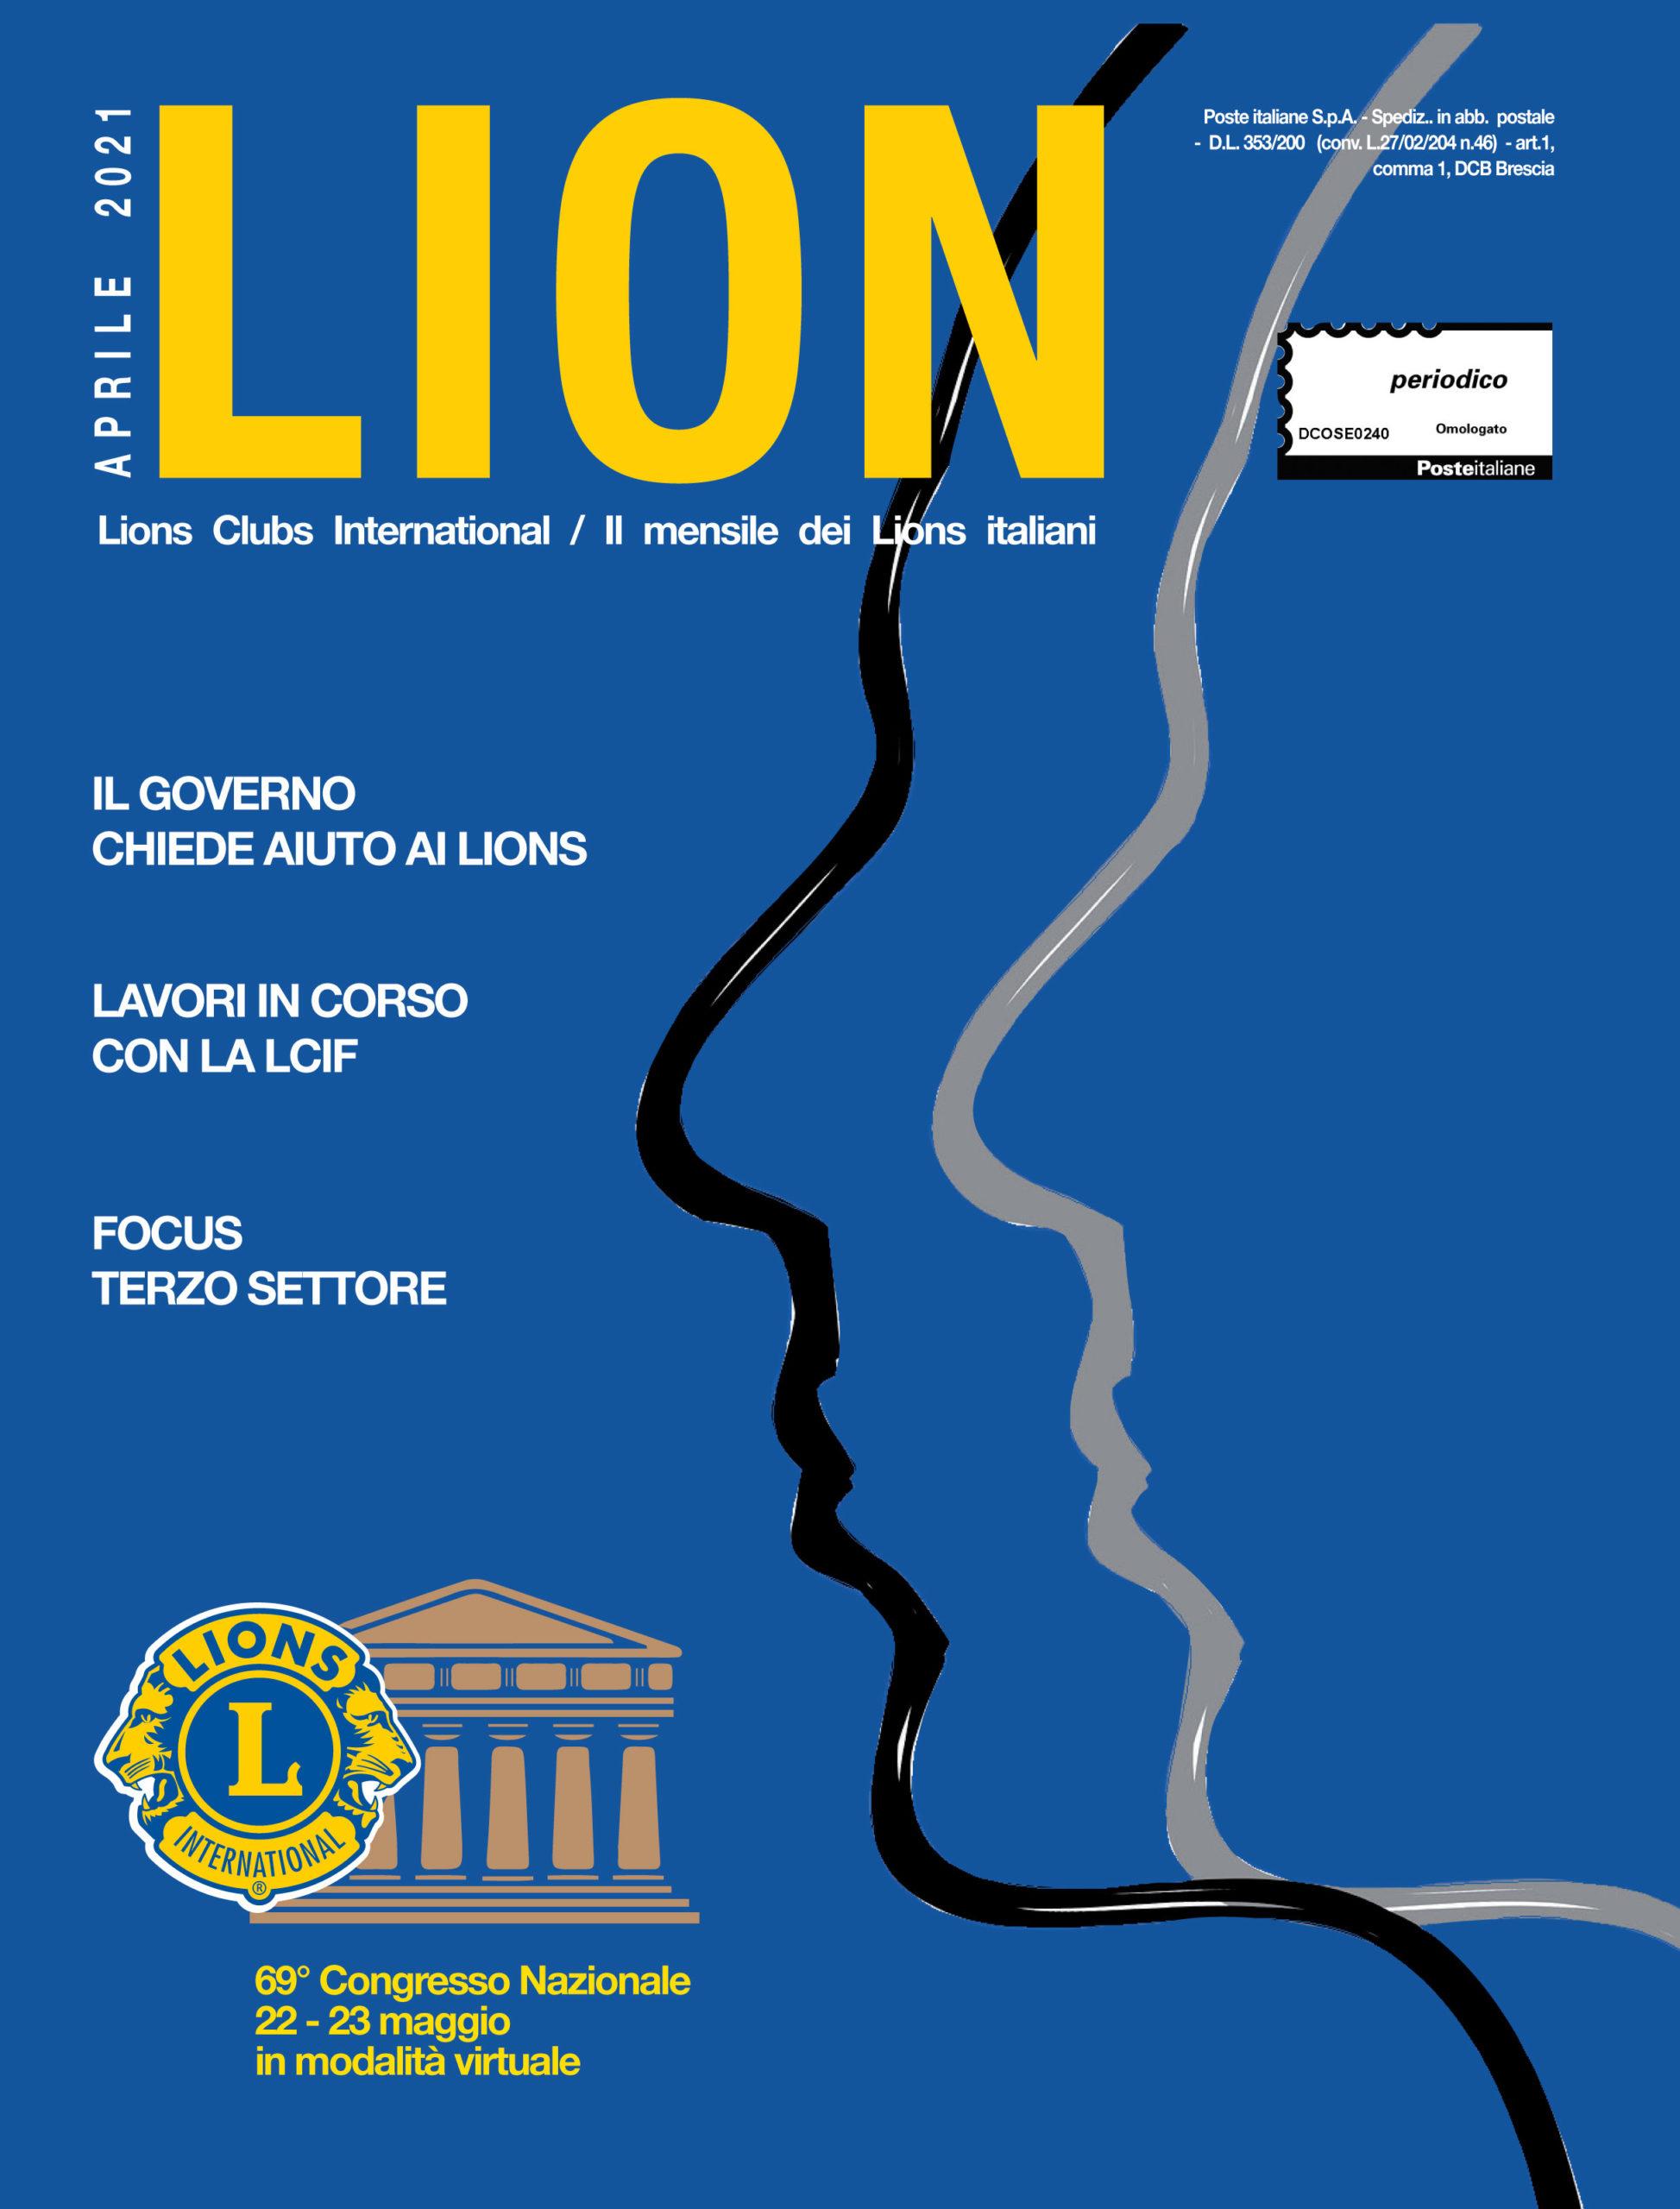 LION APRILE 2021